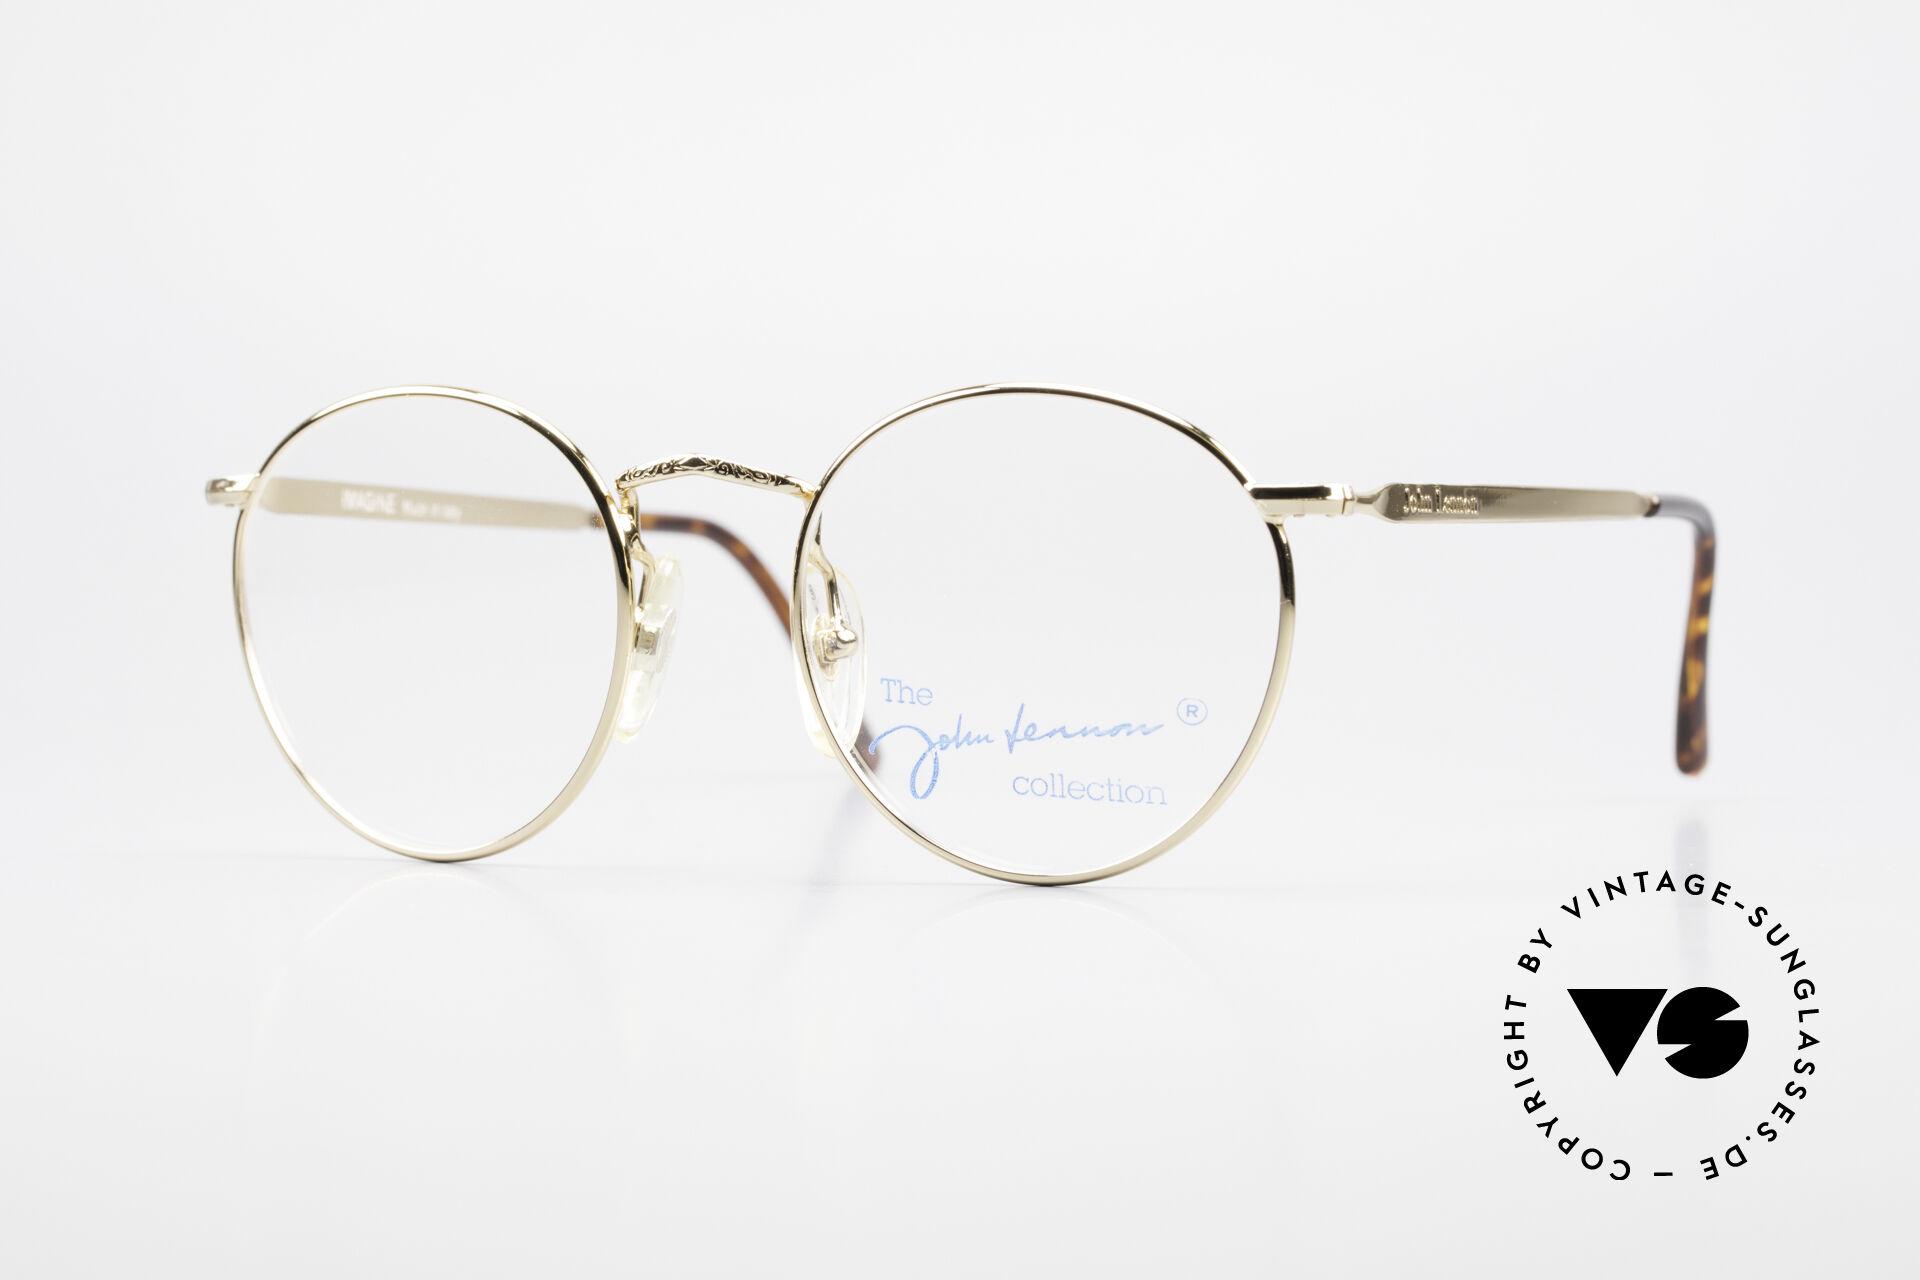 John Lennon - Imagine Small Round Vintage Frame, model 'IMAGINE': panto eyeglass-frame in 49mm size, Made for Men and Women